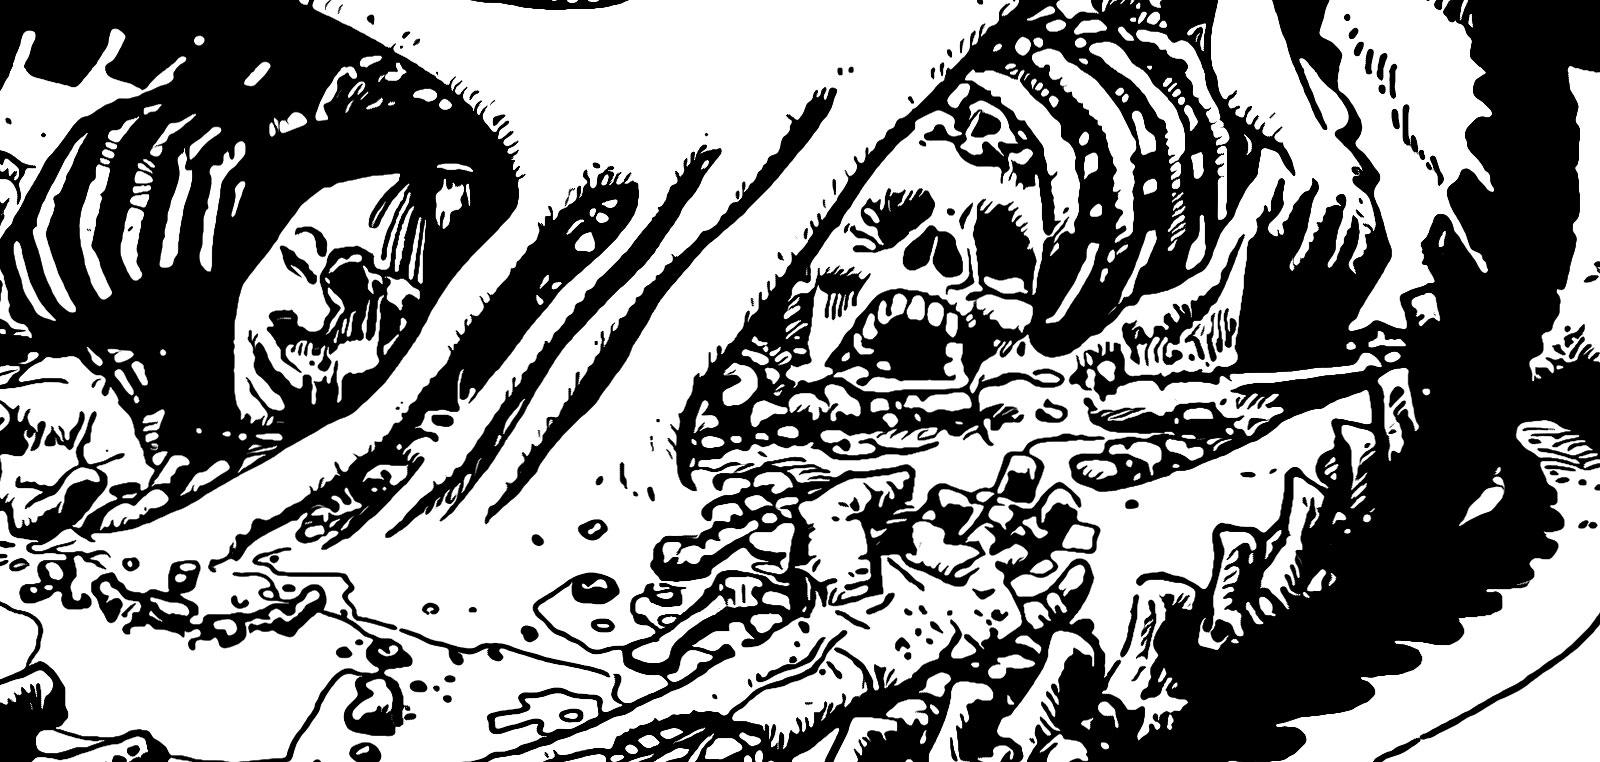 wetta-corben-aliens-raw-ban